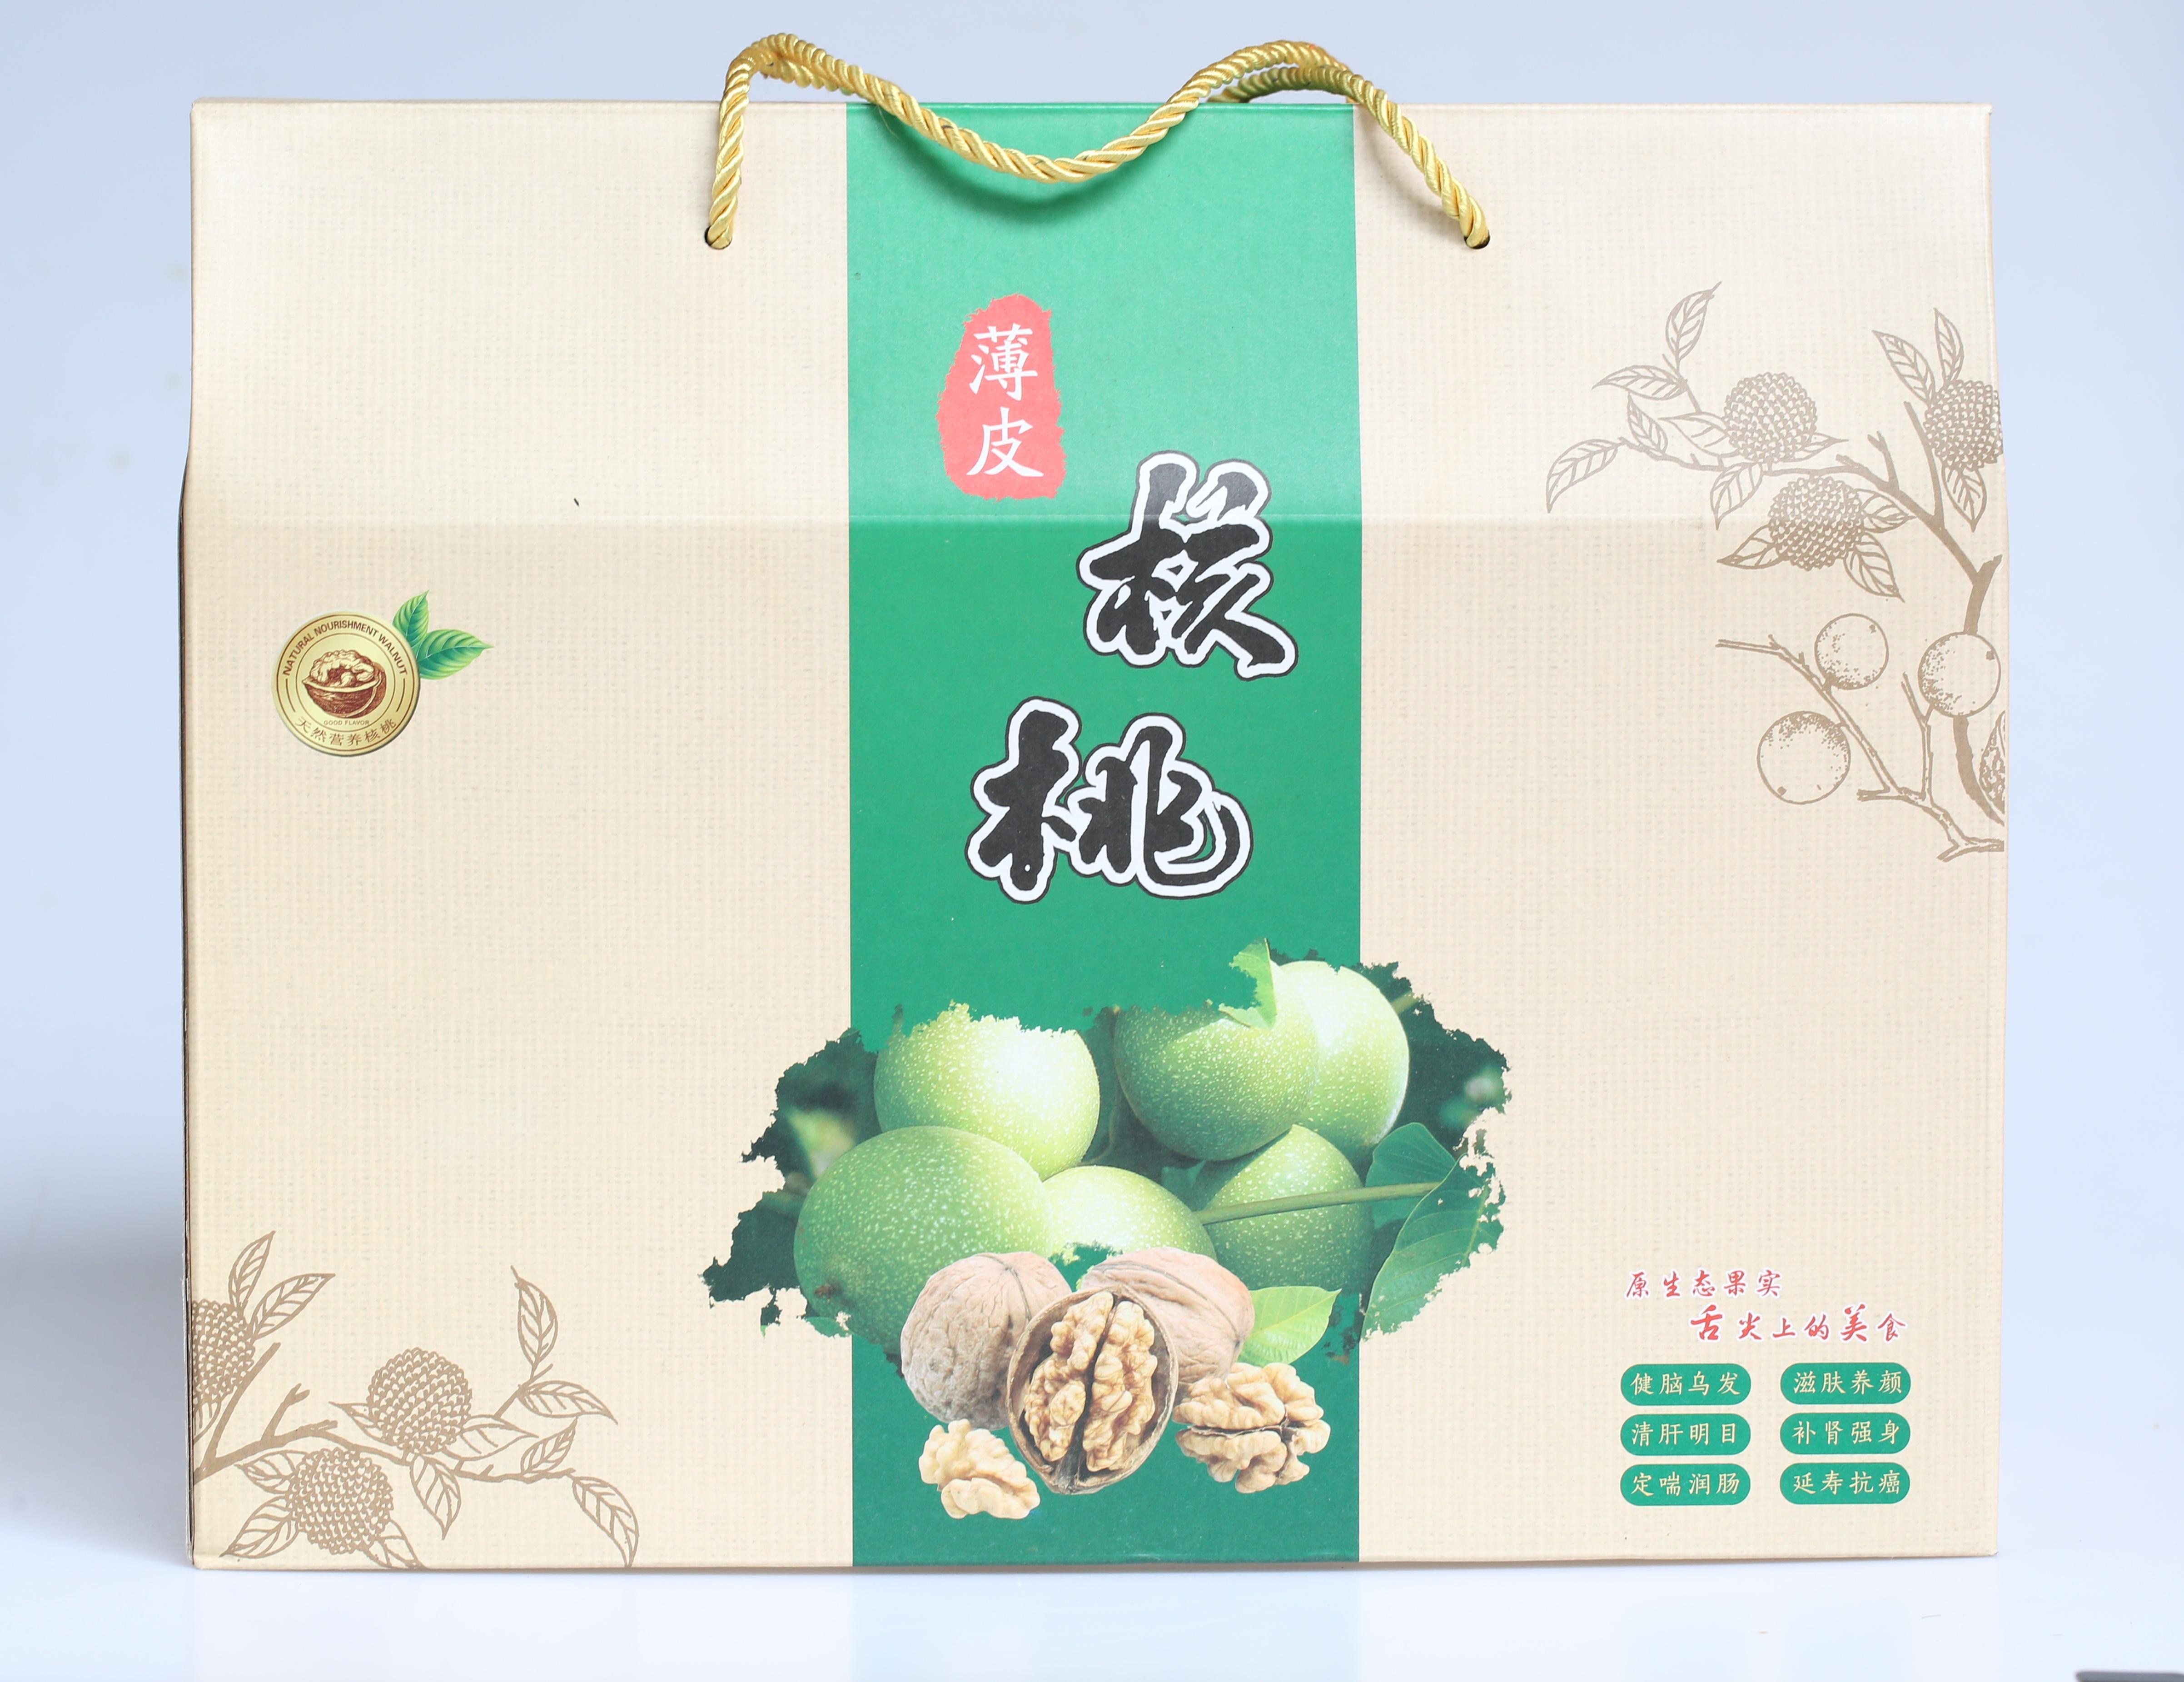 【直播专享】云南薄皮核桃礼盒 5斤装 商品图0